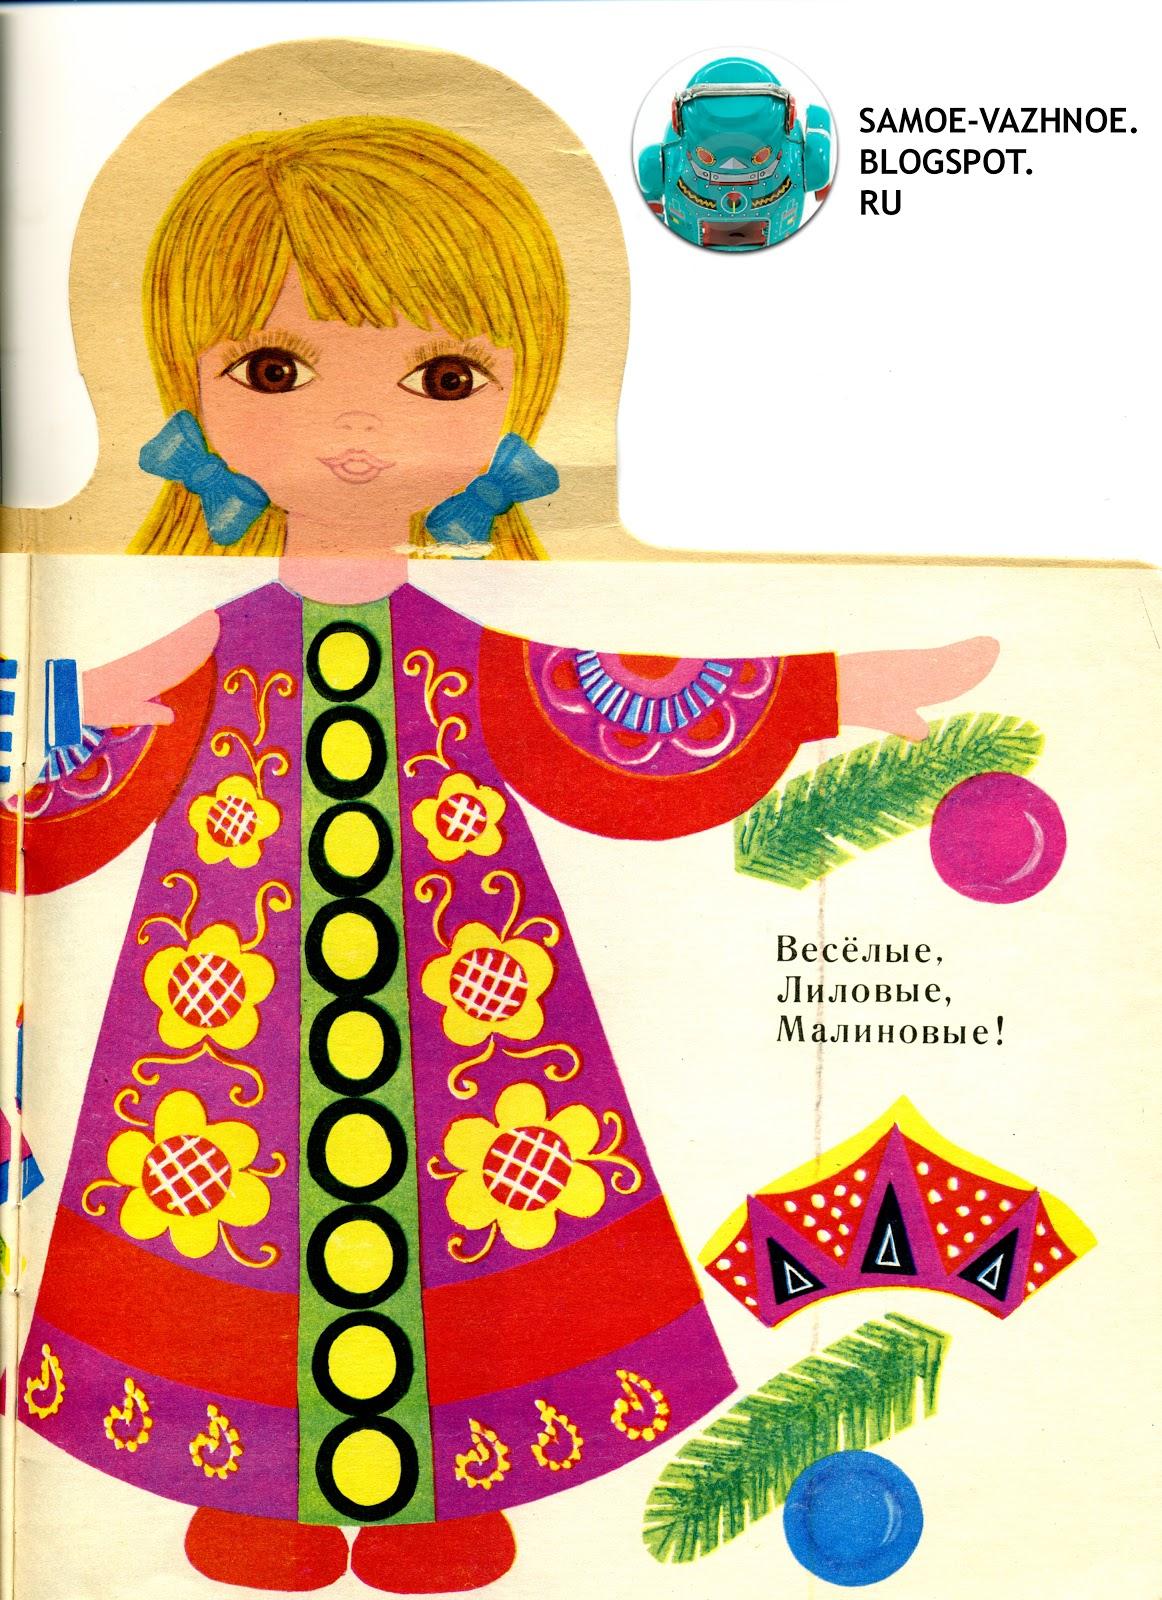 Советская детская книга две девочки блондинка брюнетка стихи одежда страницы